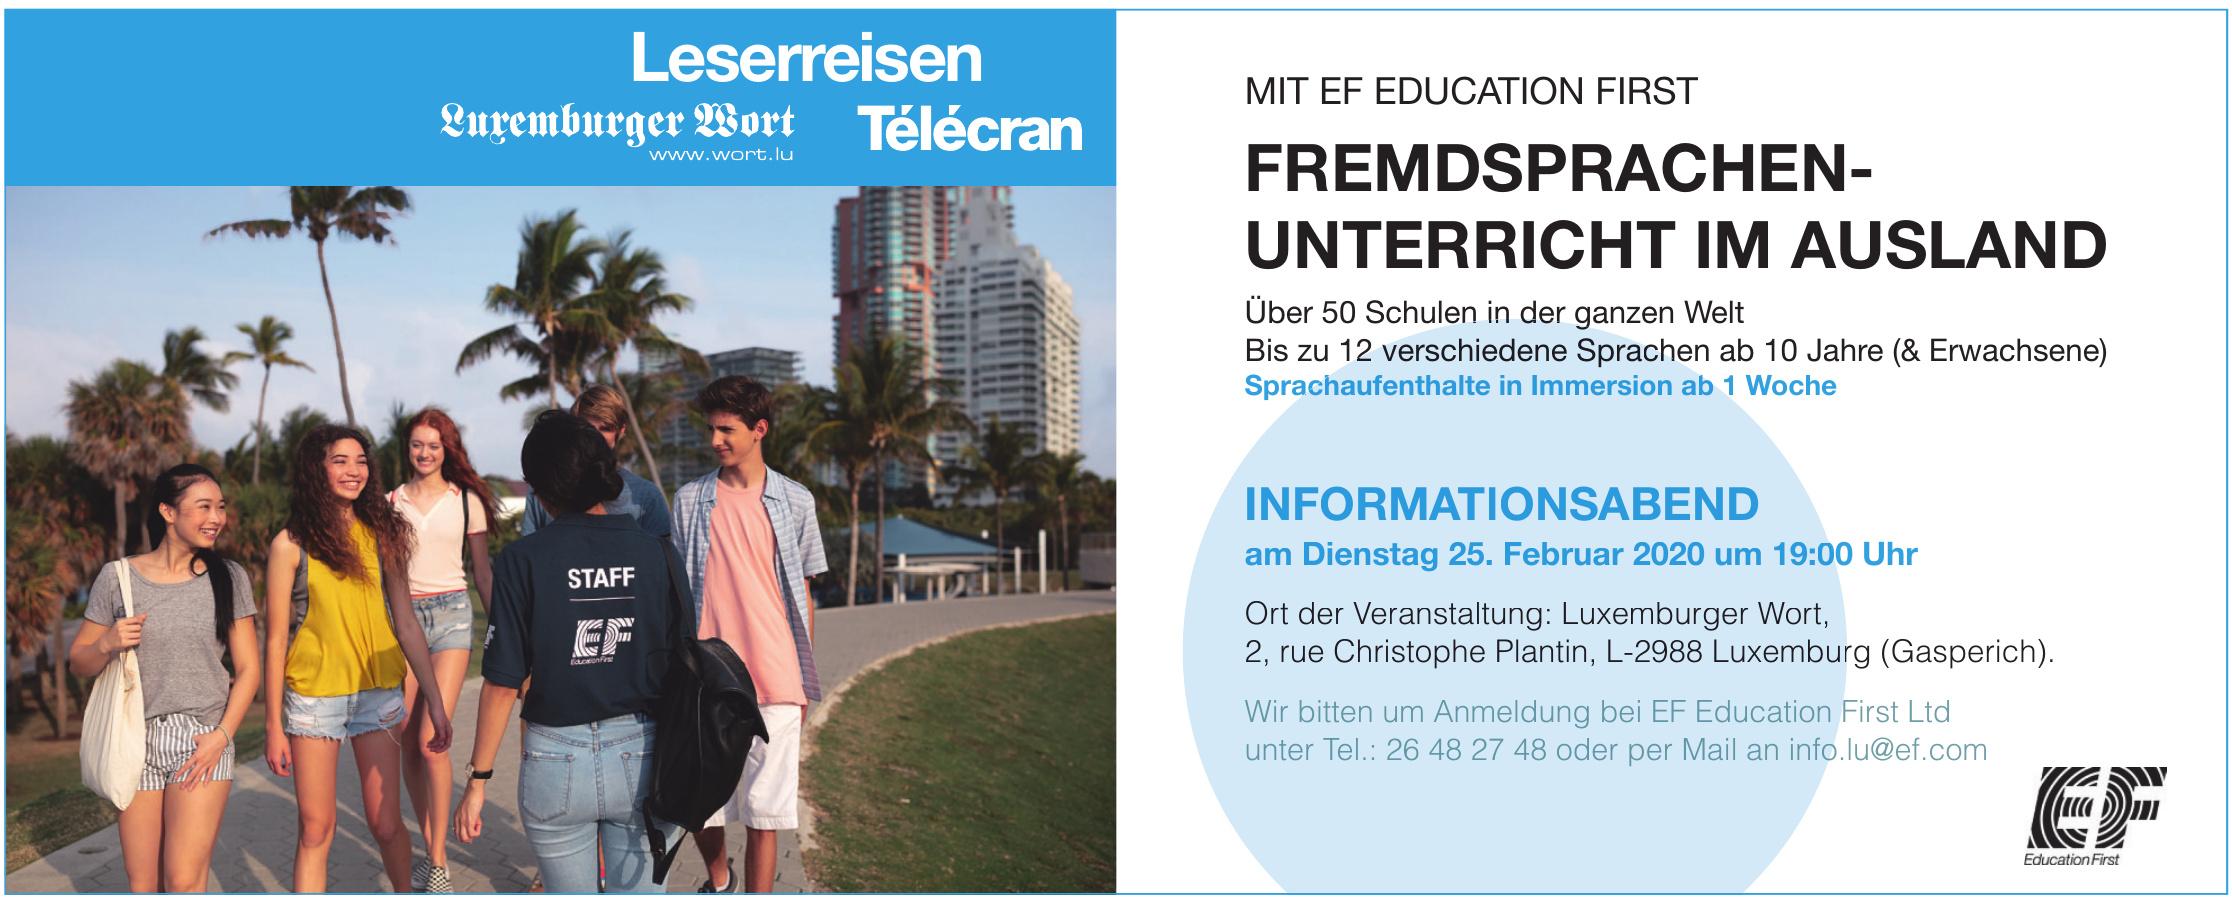 EF Education First Ltd.